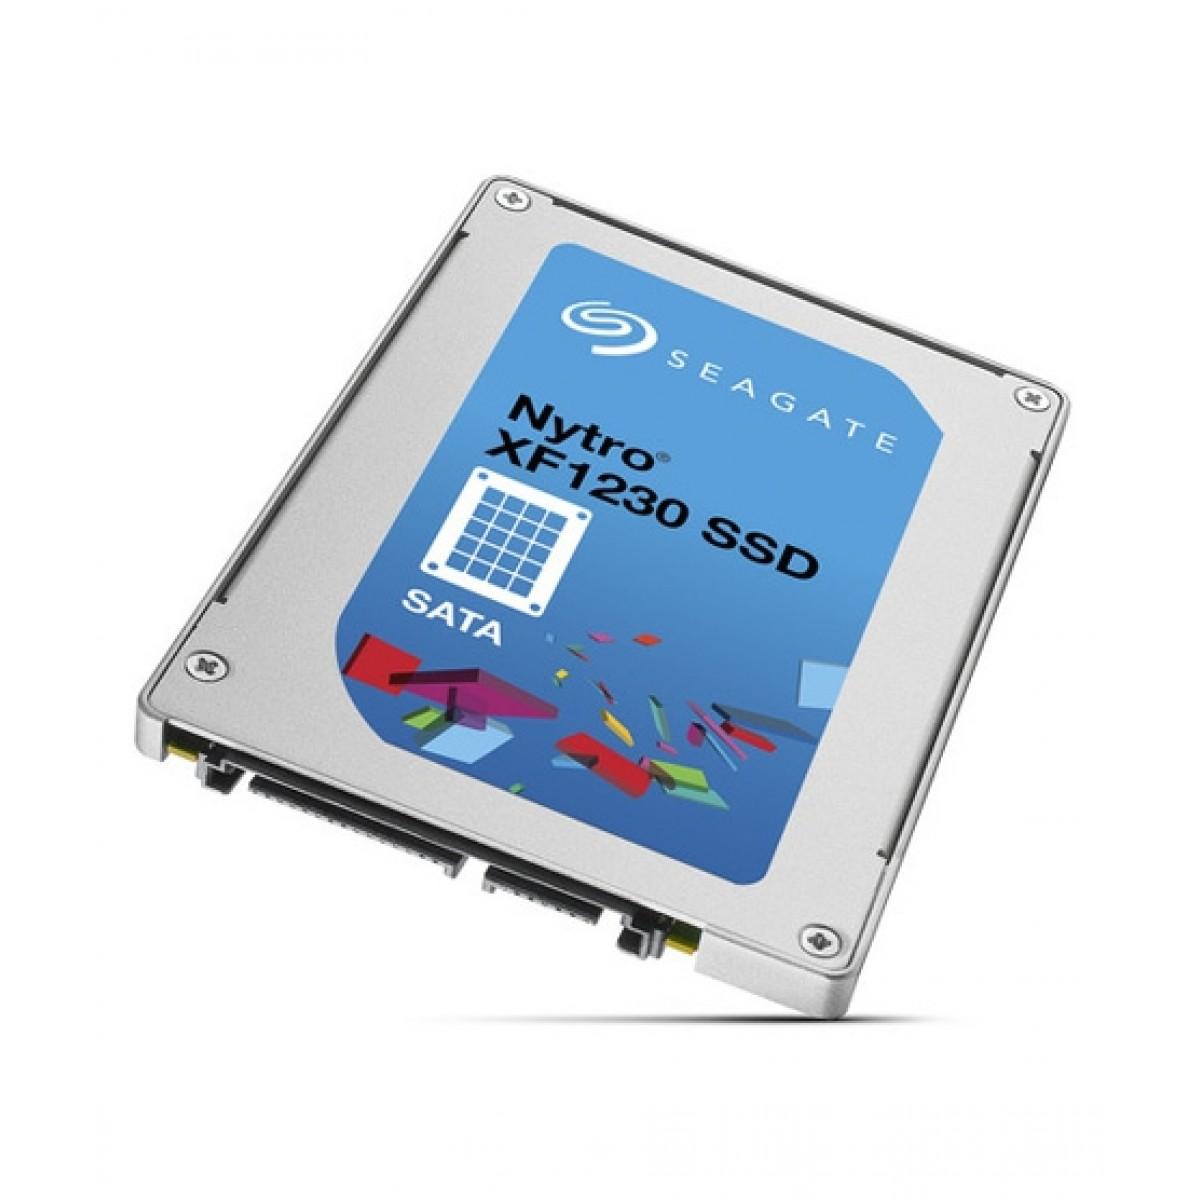 Seagate Nytro 480GB 2.5